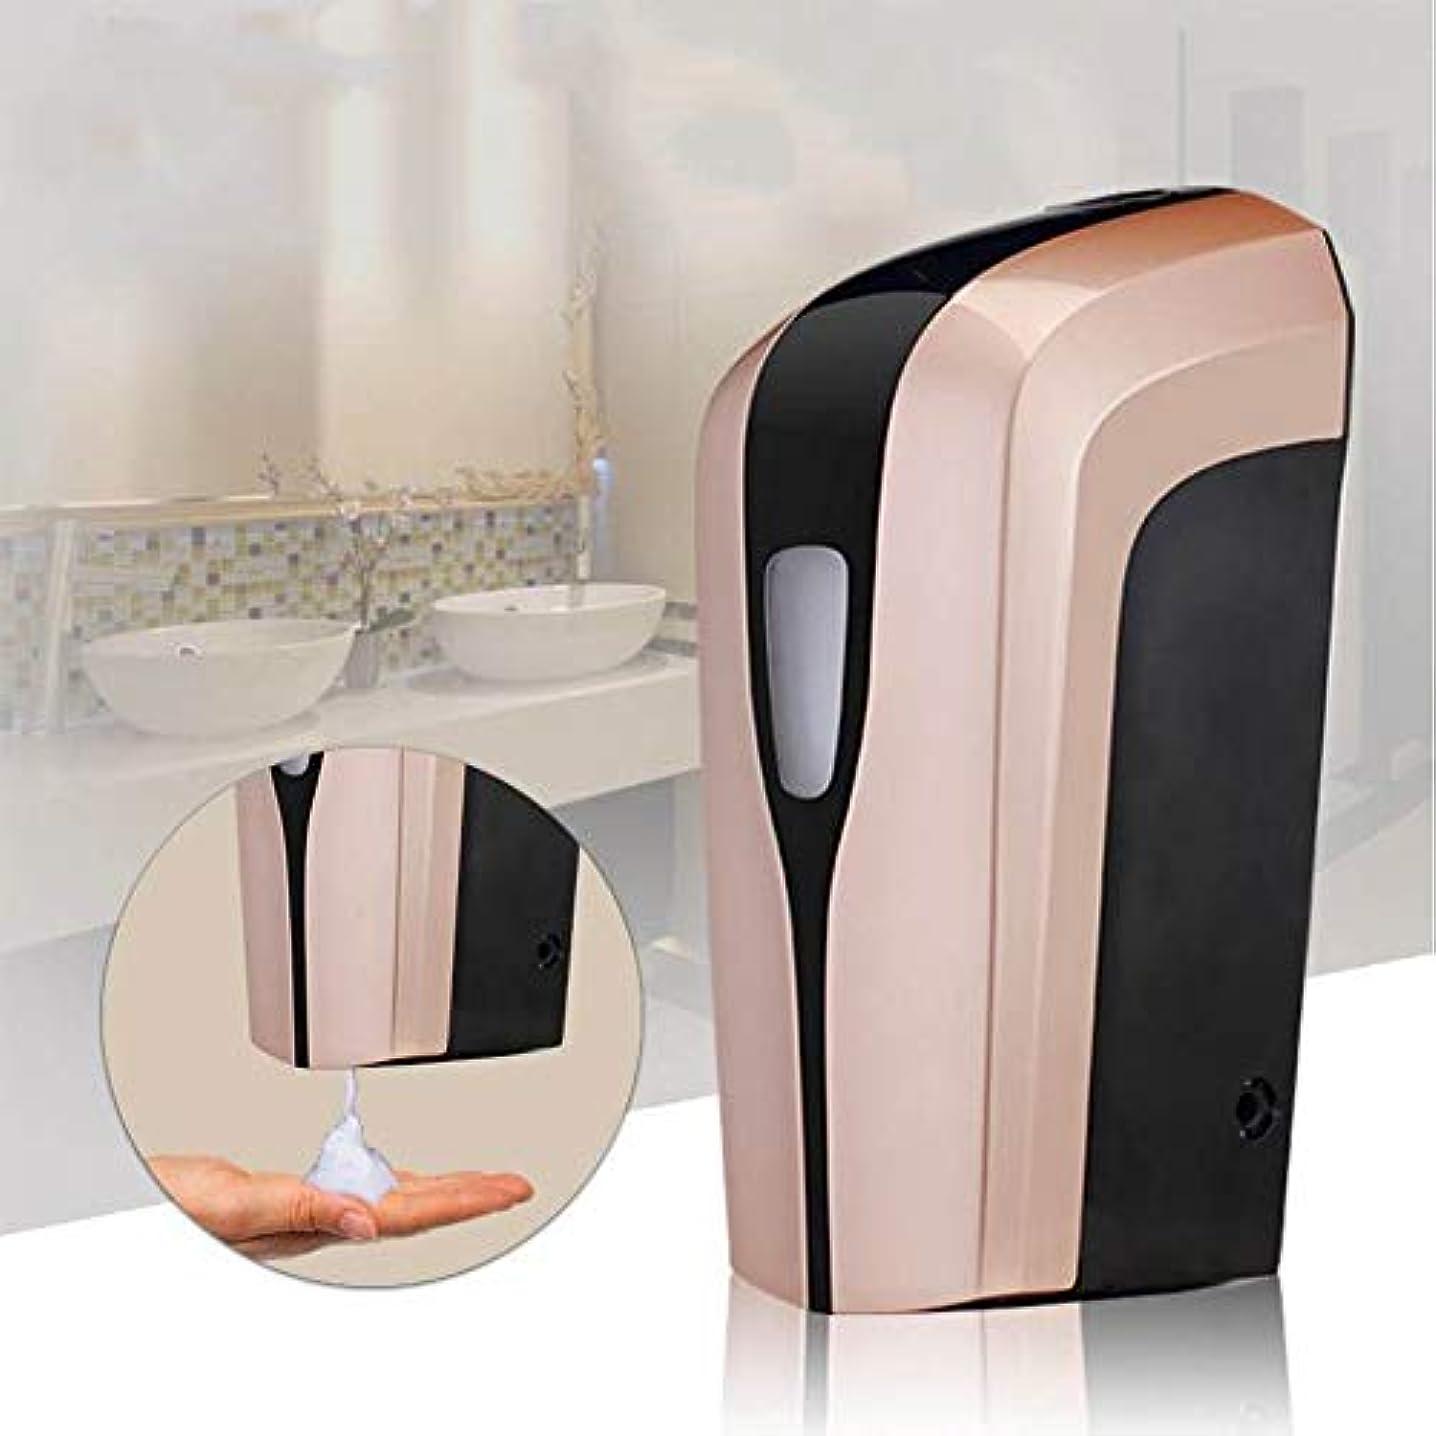 雑草部分的前兆ソープディスペンサー 400ミリリットル容量の自動ソープディスペンサー、タッチレスバッテリーは電動ハンドフリーソープディスペンサーを運営しました ハンドソープ 食器用洗剤 キッチン 洗面所などに適用 (Color : Local...